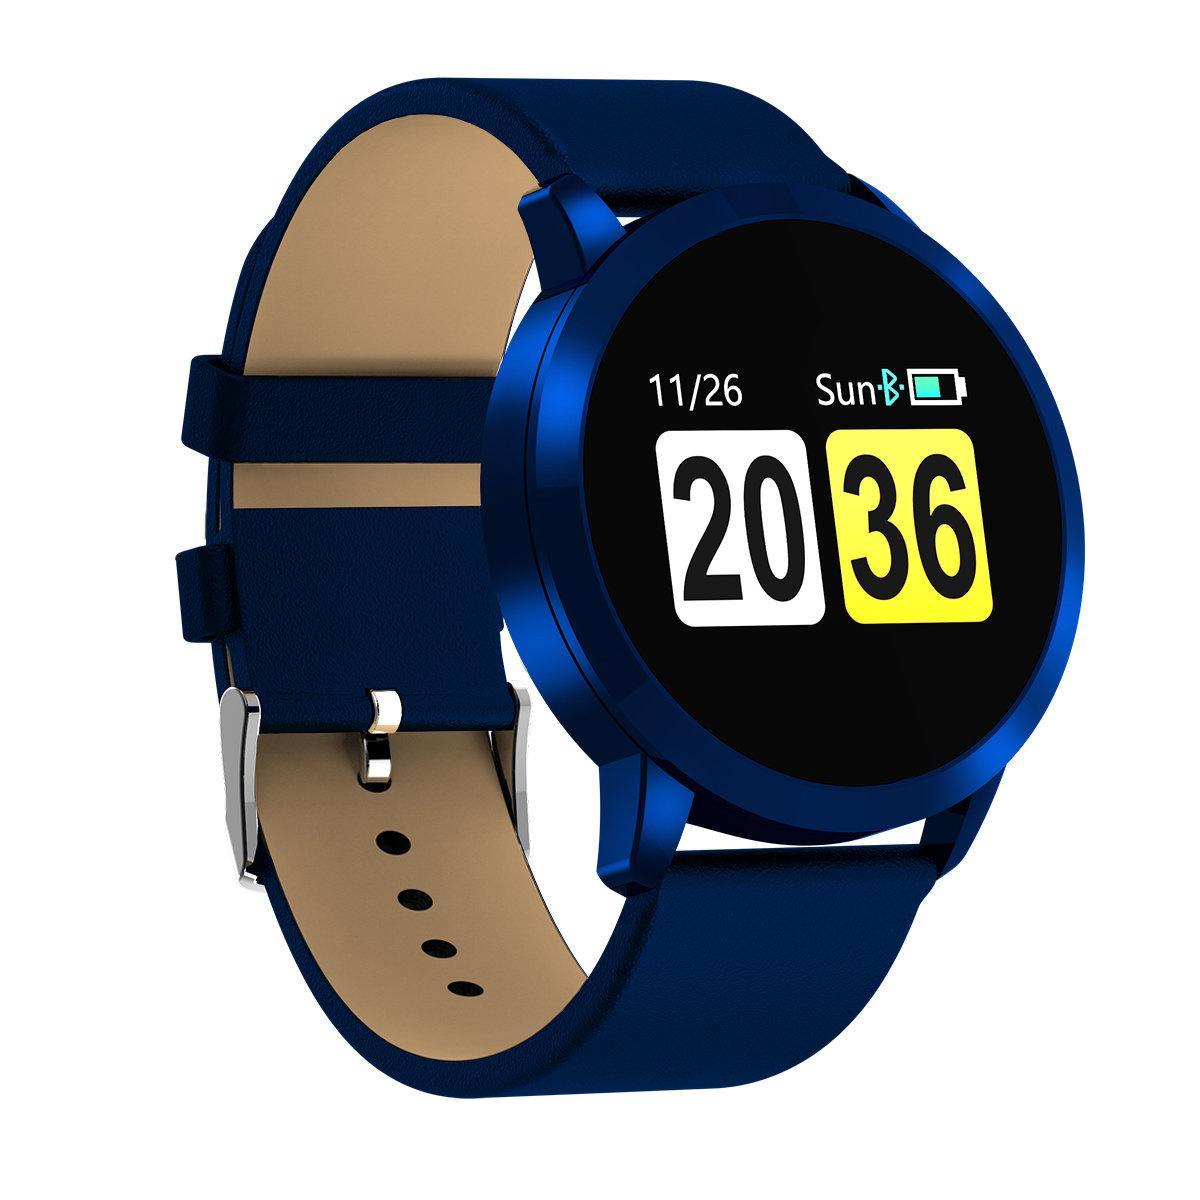 Herzband Elegance 2  часы с измерением давления - Синий